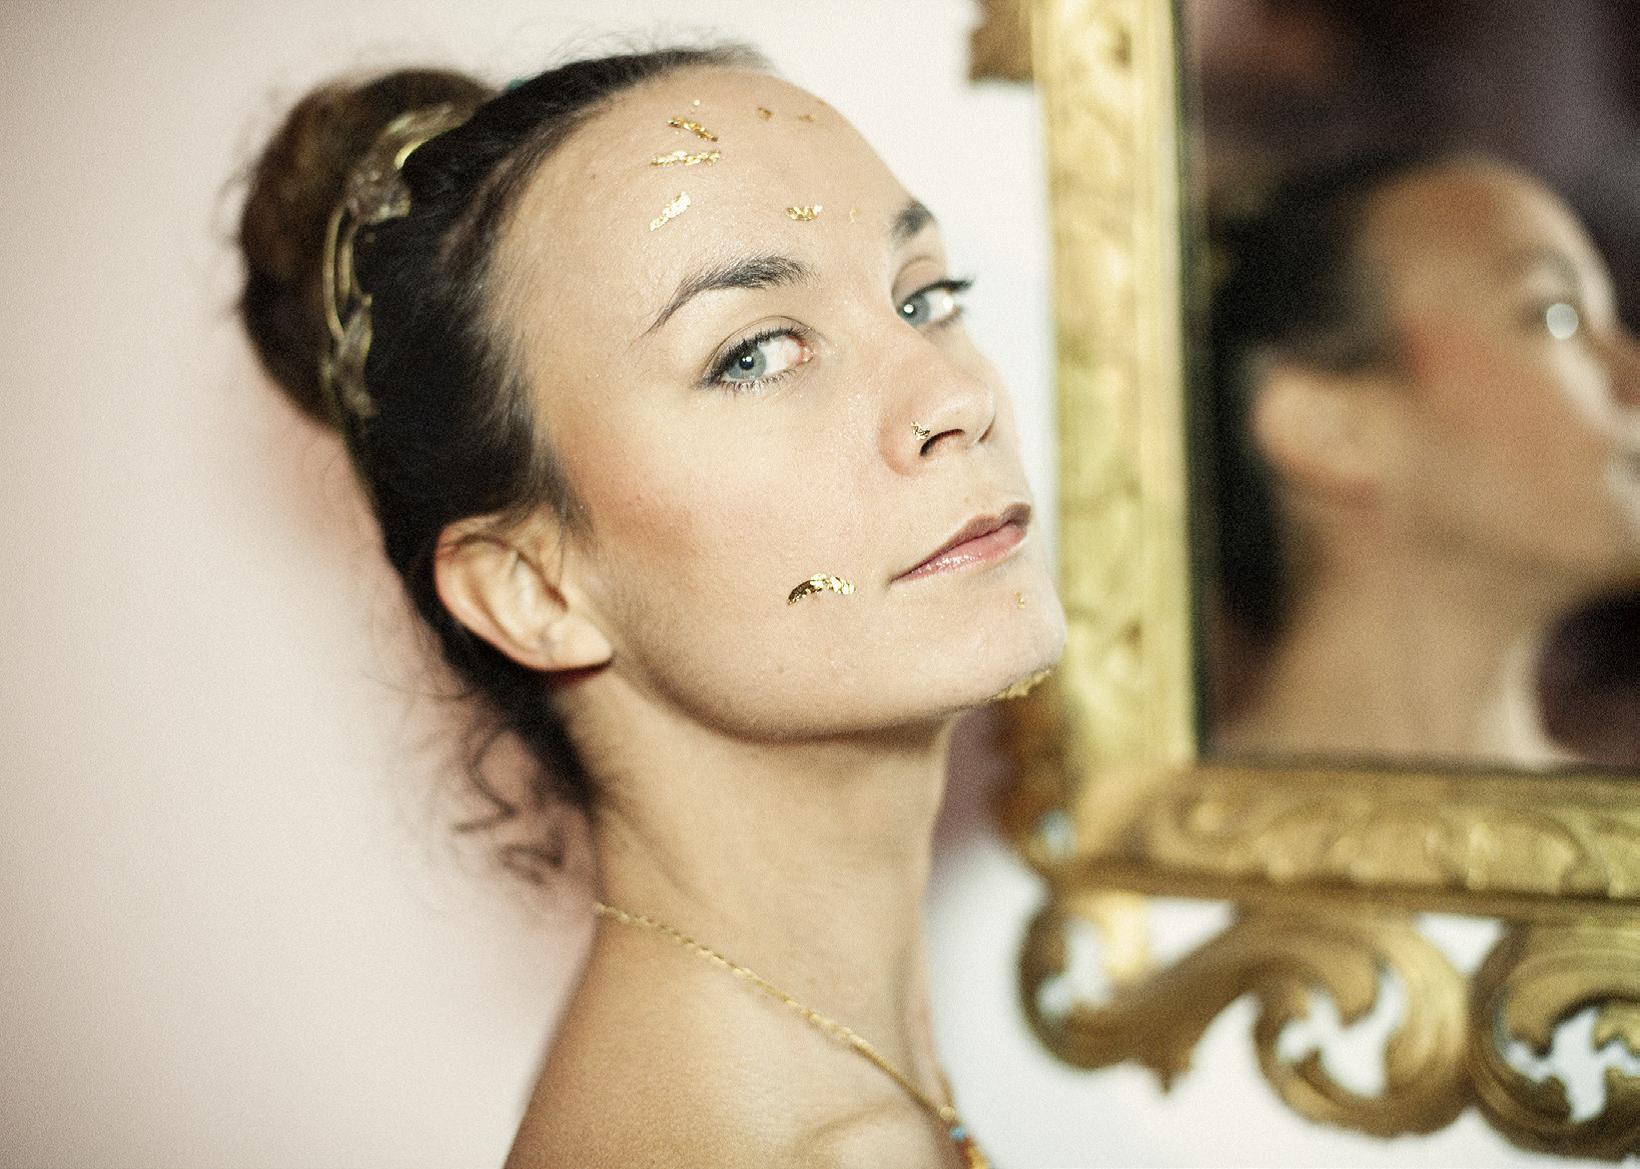 Come oro nelle crepe-Gioia Di Biagio-intervista a Gioia Di Biagio-sindrome di Ehlers-Danlos-Gioia Di Biagio sindrome di Ehlers-Danlos-Ability Channel-Heyoka-esperta Heyoka